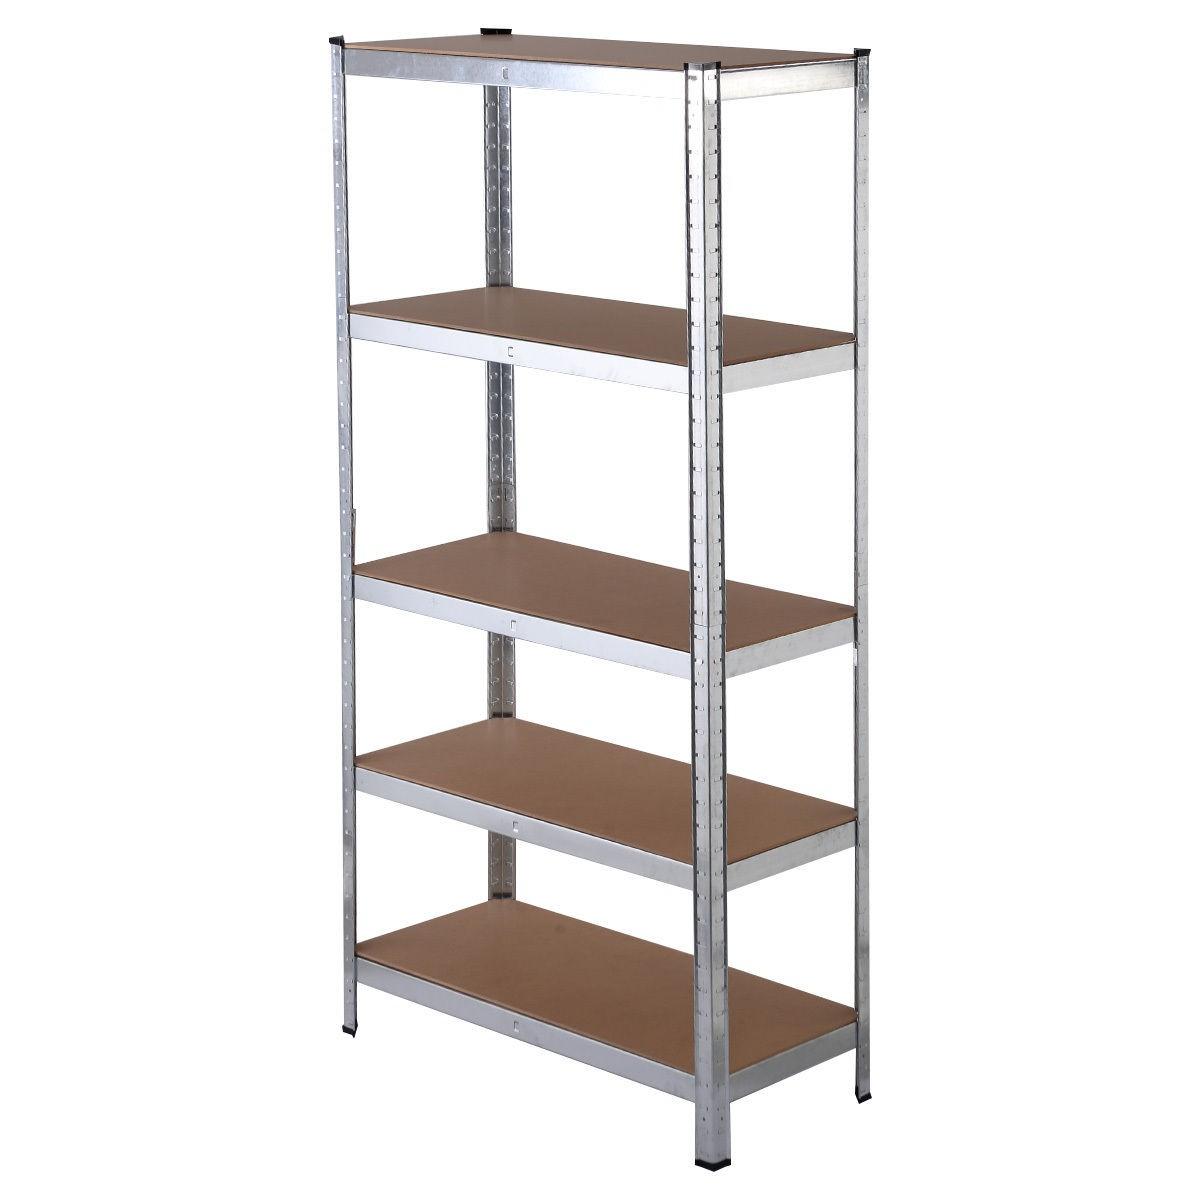 heavy duty storage rack 5 level adjustable shelves garage. Black Bedroom Furniture Sets. Home Design Ideas